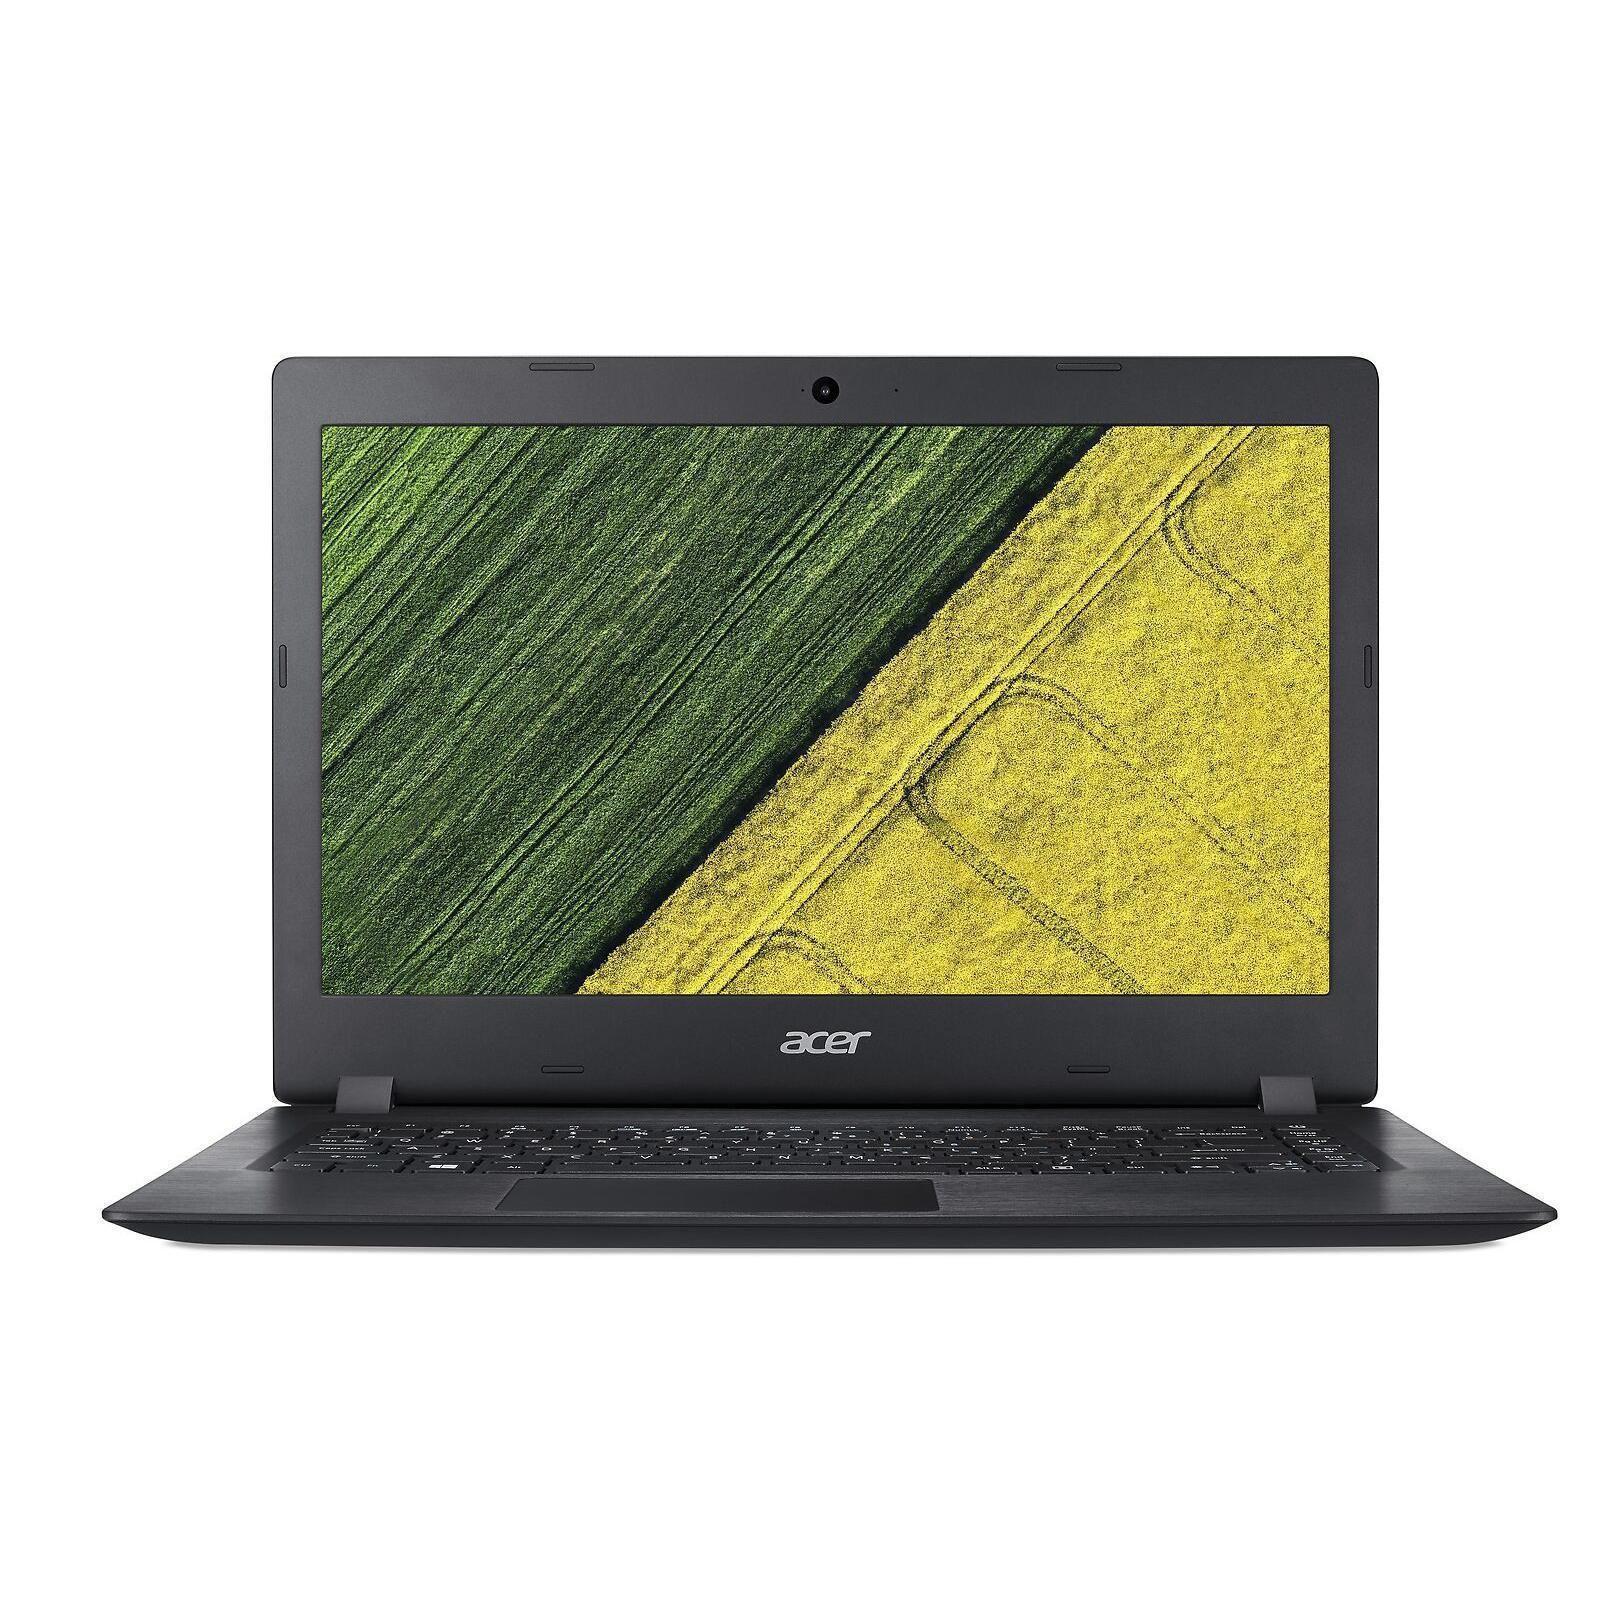 Acer Aspire 5 15 6 Fhd 1080 I7 7500u 8gb Ram 1tb Hdd Windows 10